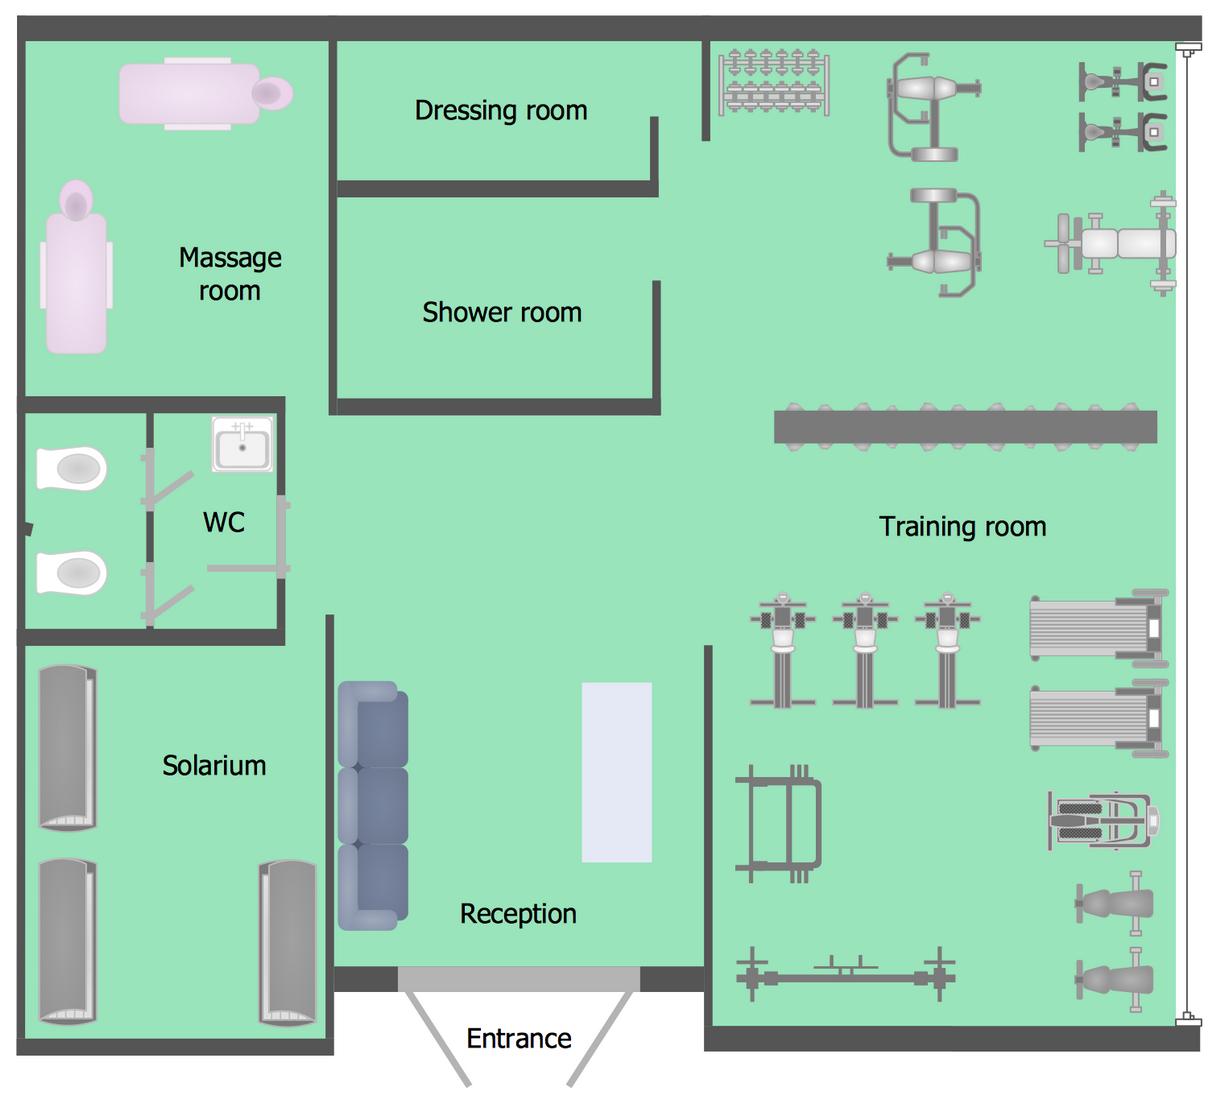 gym floor plan sample - Spa Floor Plan